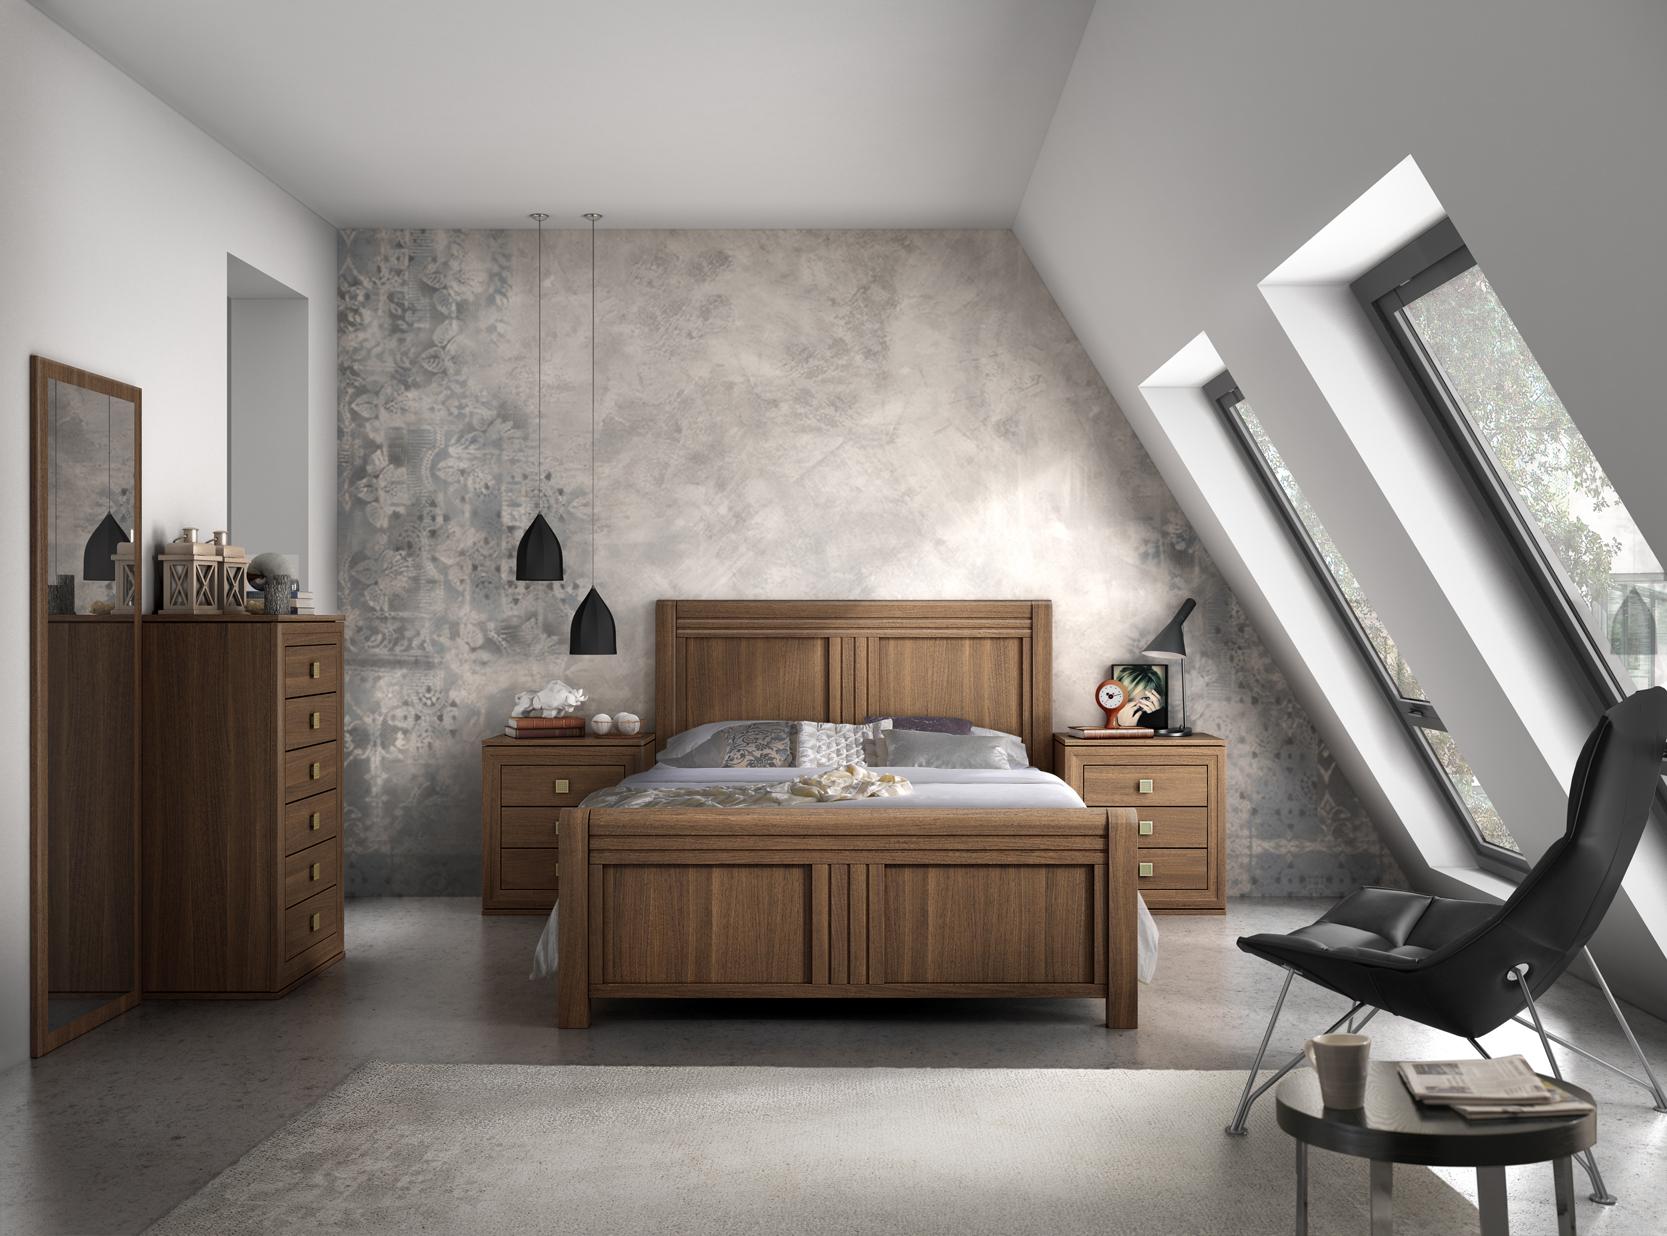 Conoce Nuestros Muebles Para Dormitorios # Muebles Pumarin Armarios